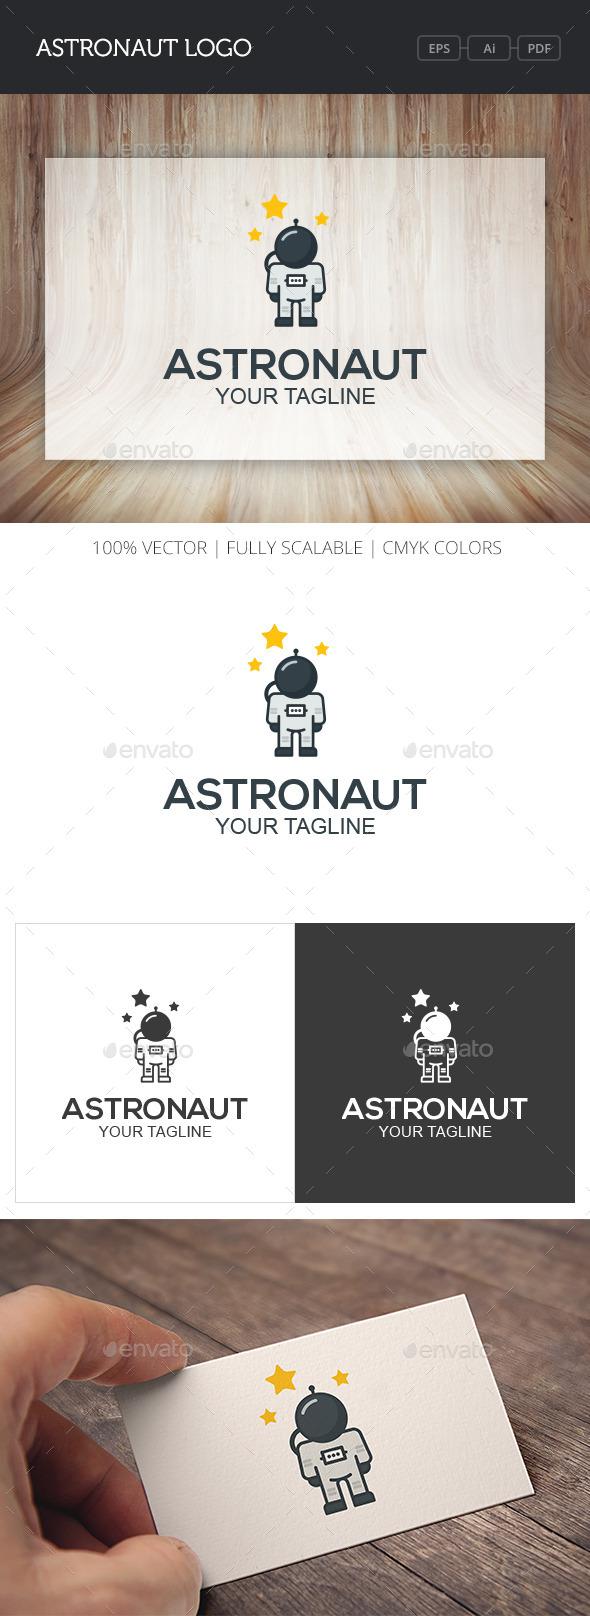 GraphicRiver Astronaut Logo 10759283